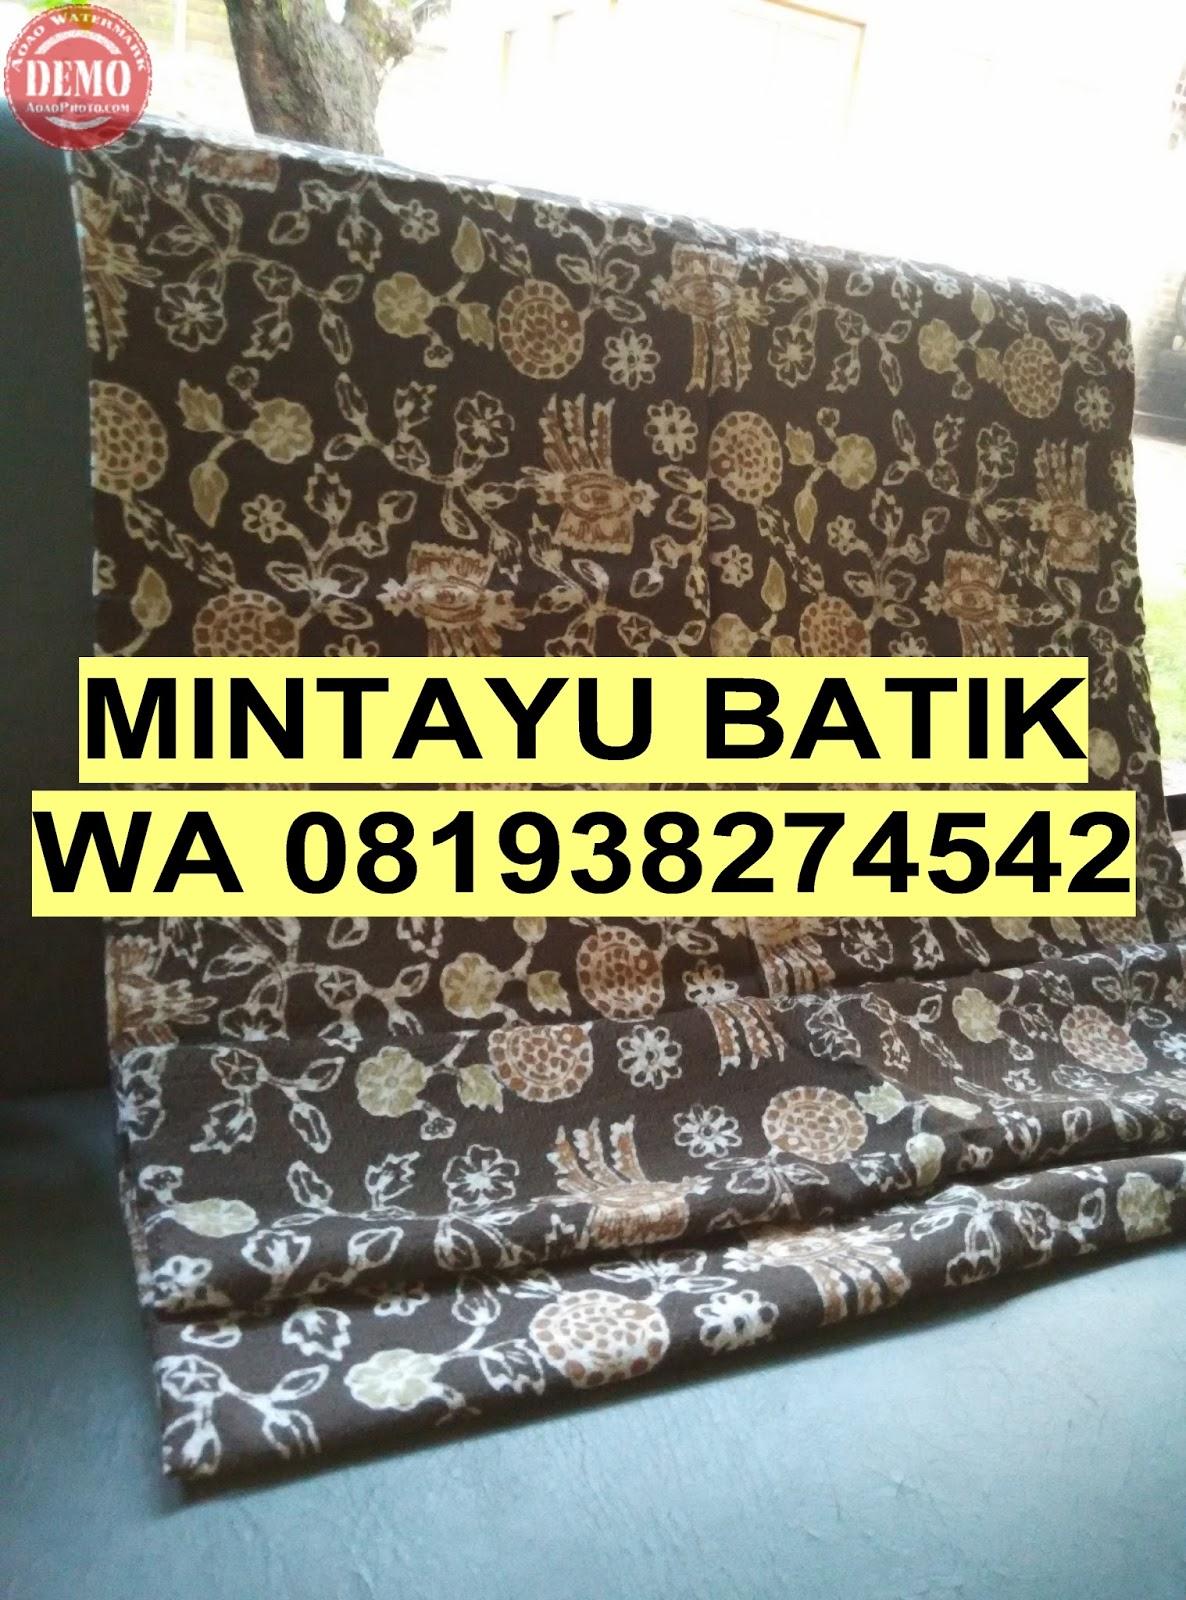 Jual Batik Warna Alam Jual kain batik warna alam di Tapak Tuan